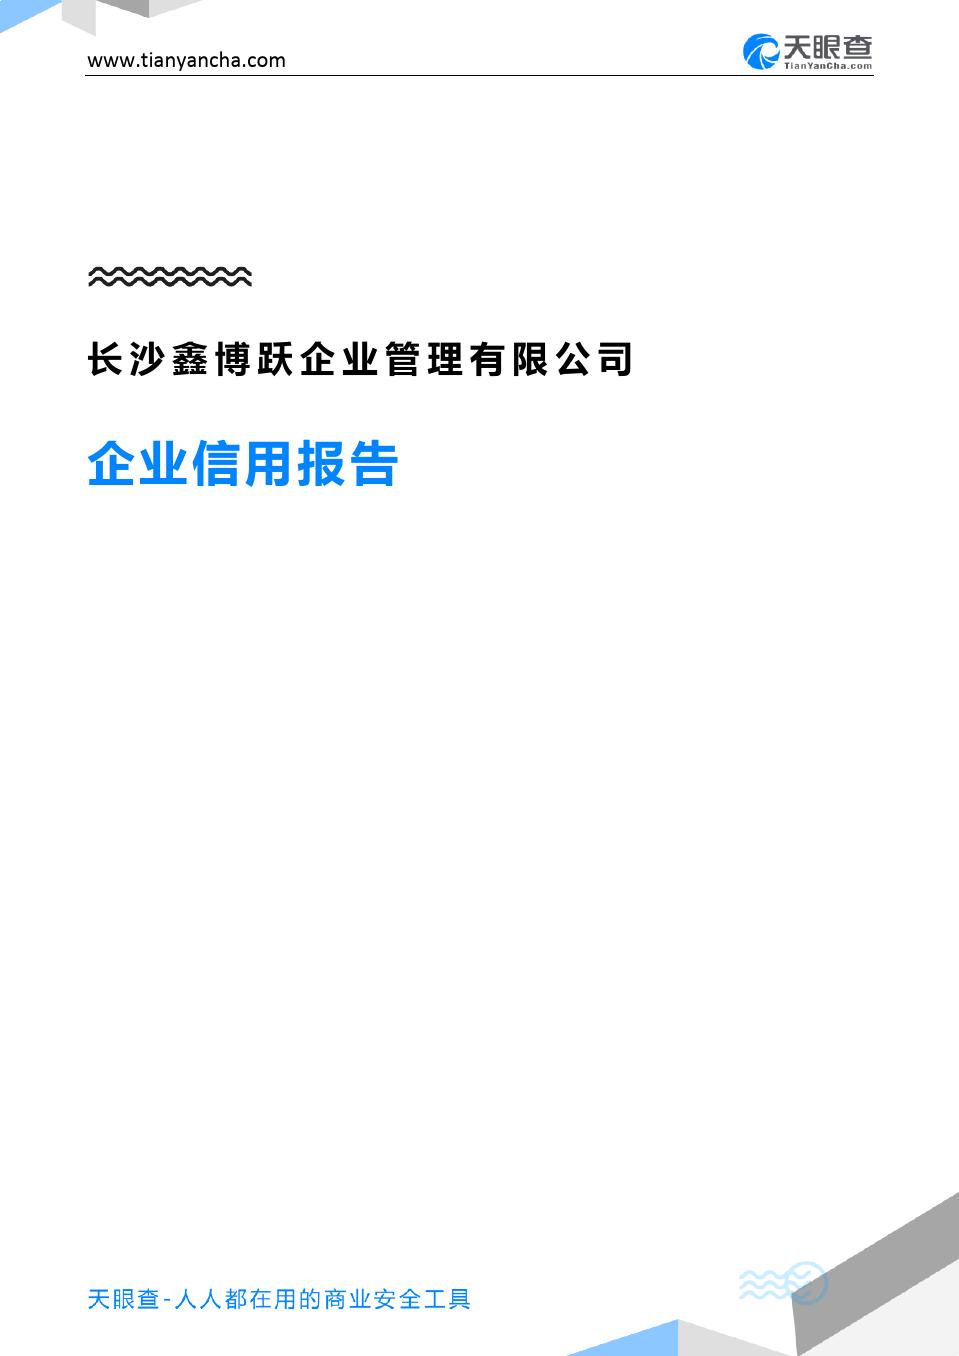 长沙鑫博跃企业管理有限公司(企业信用报告)- 天眼查